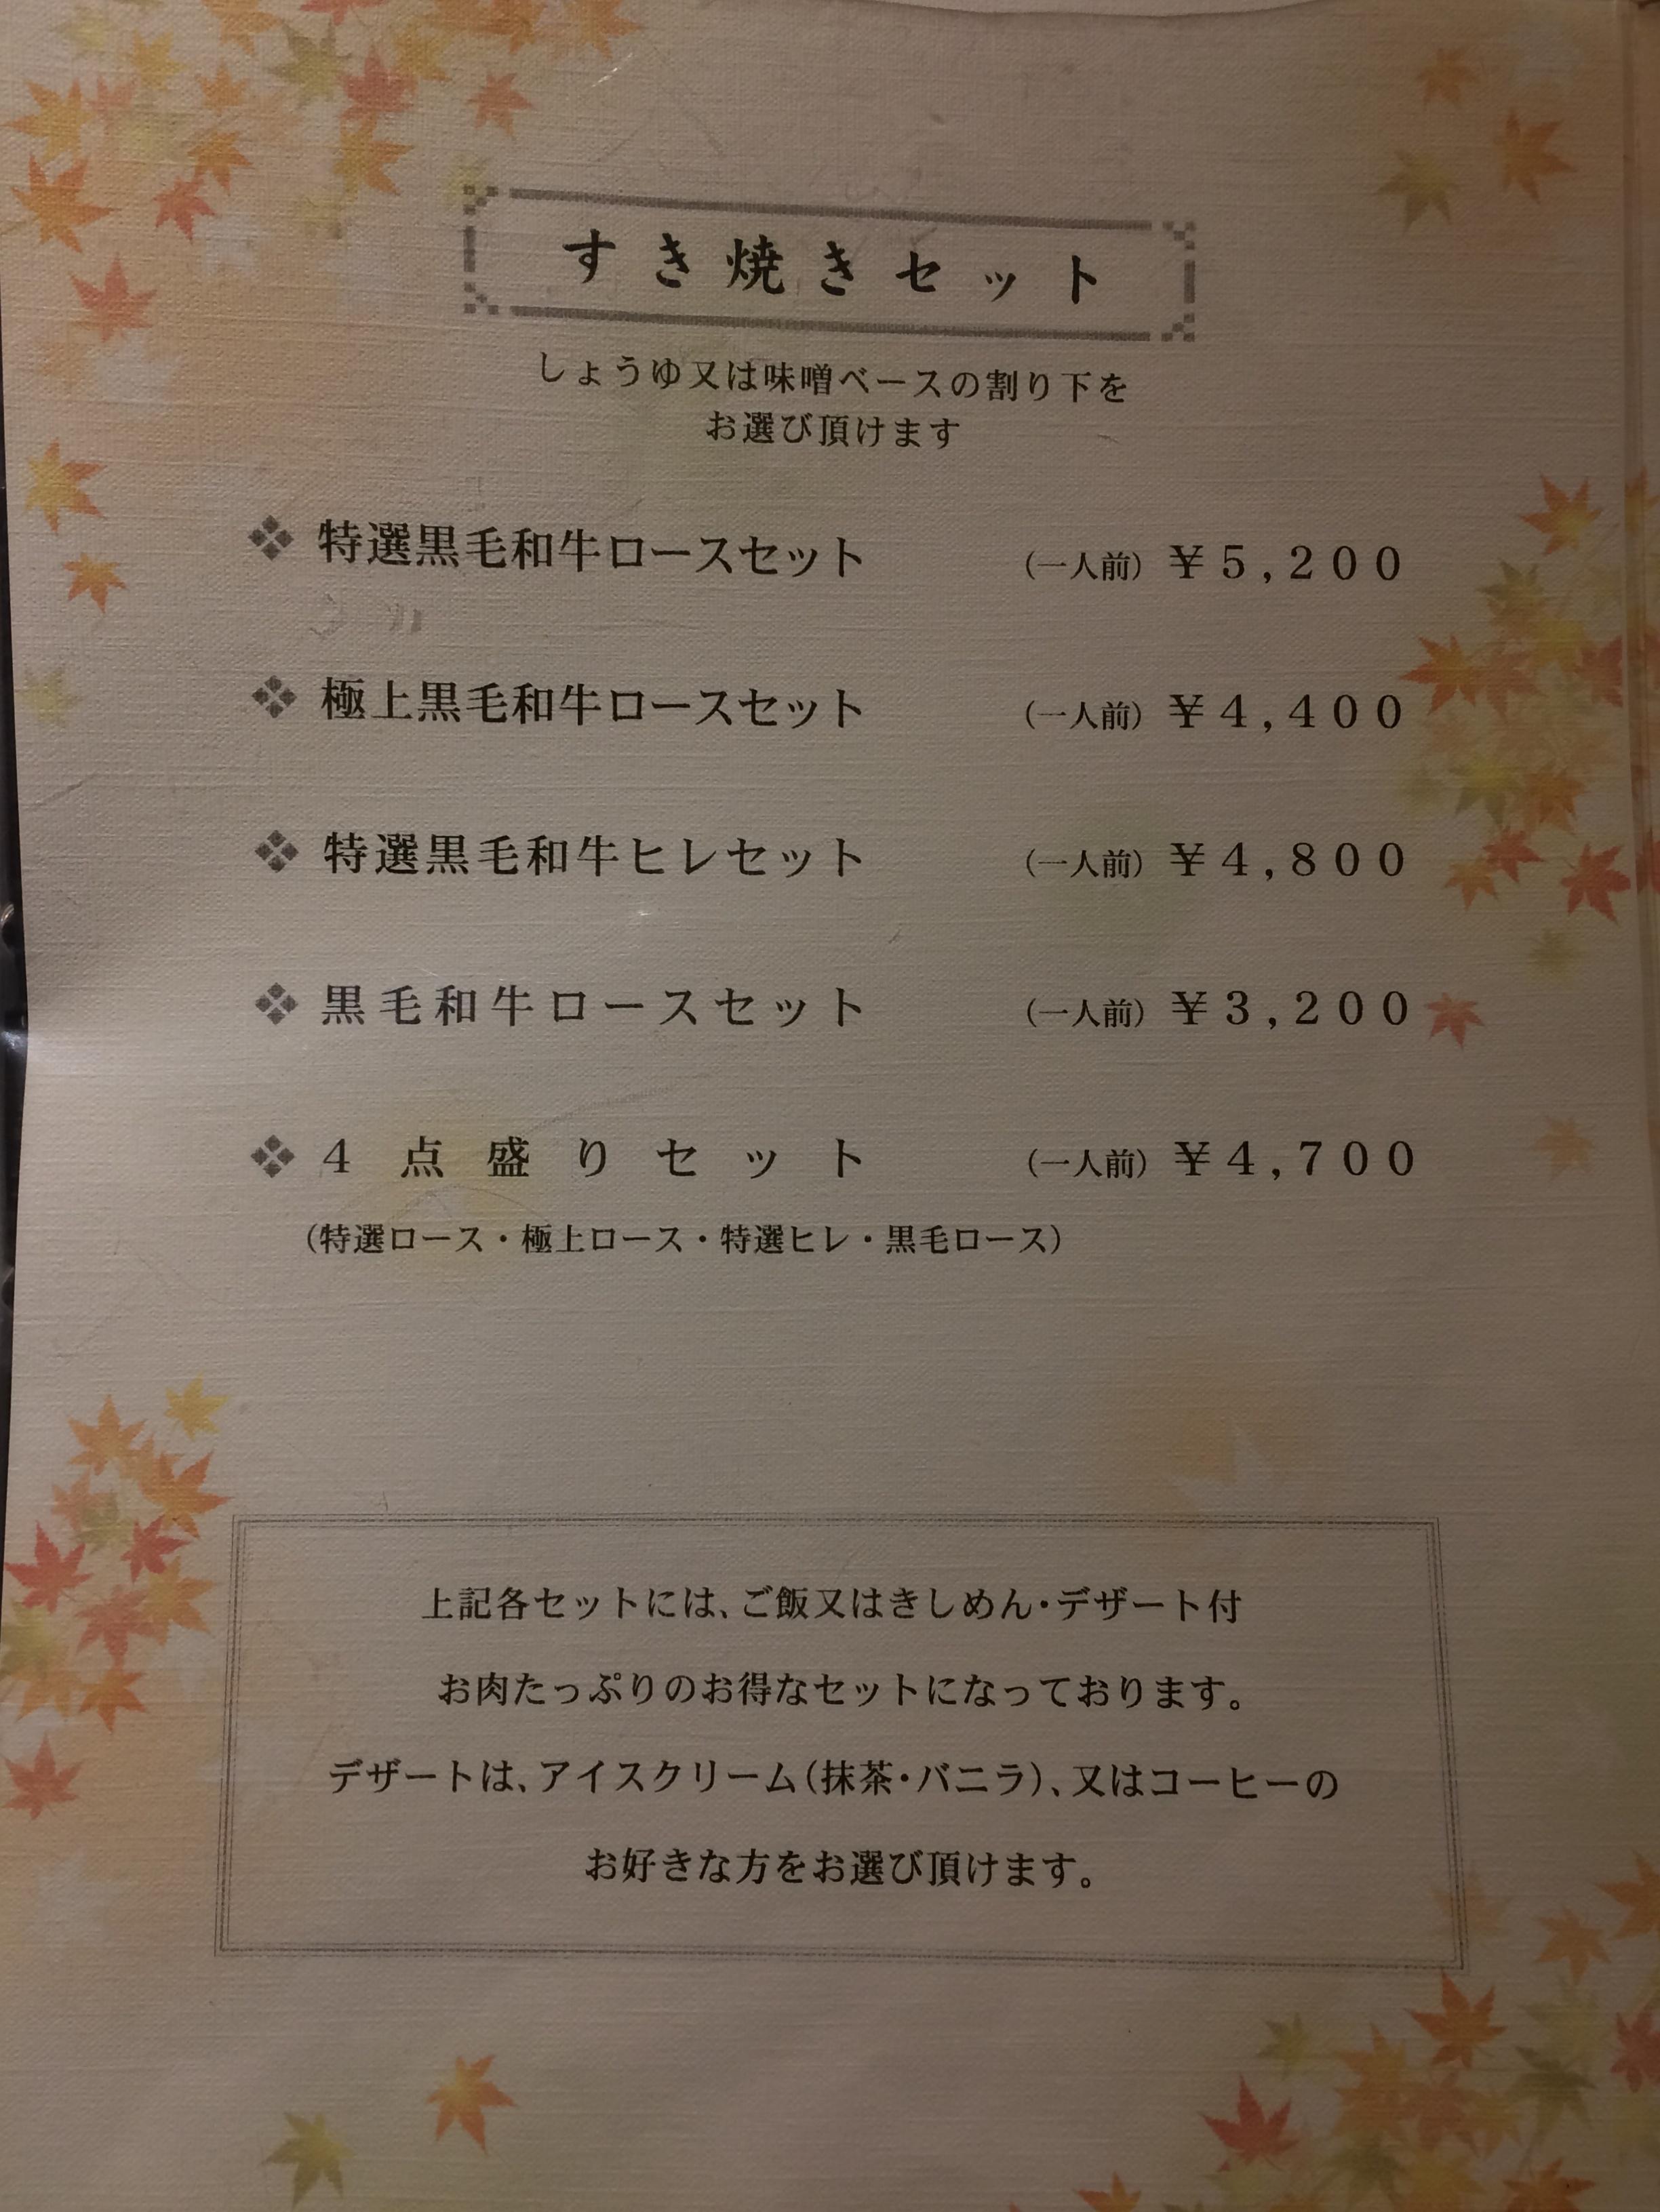 海鮮だけじゃないんです! 函館でおすすめの、絶品黒毛和牛すき焼き&ステーキ♡_2